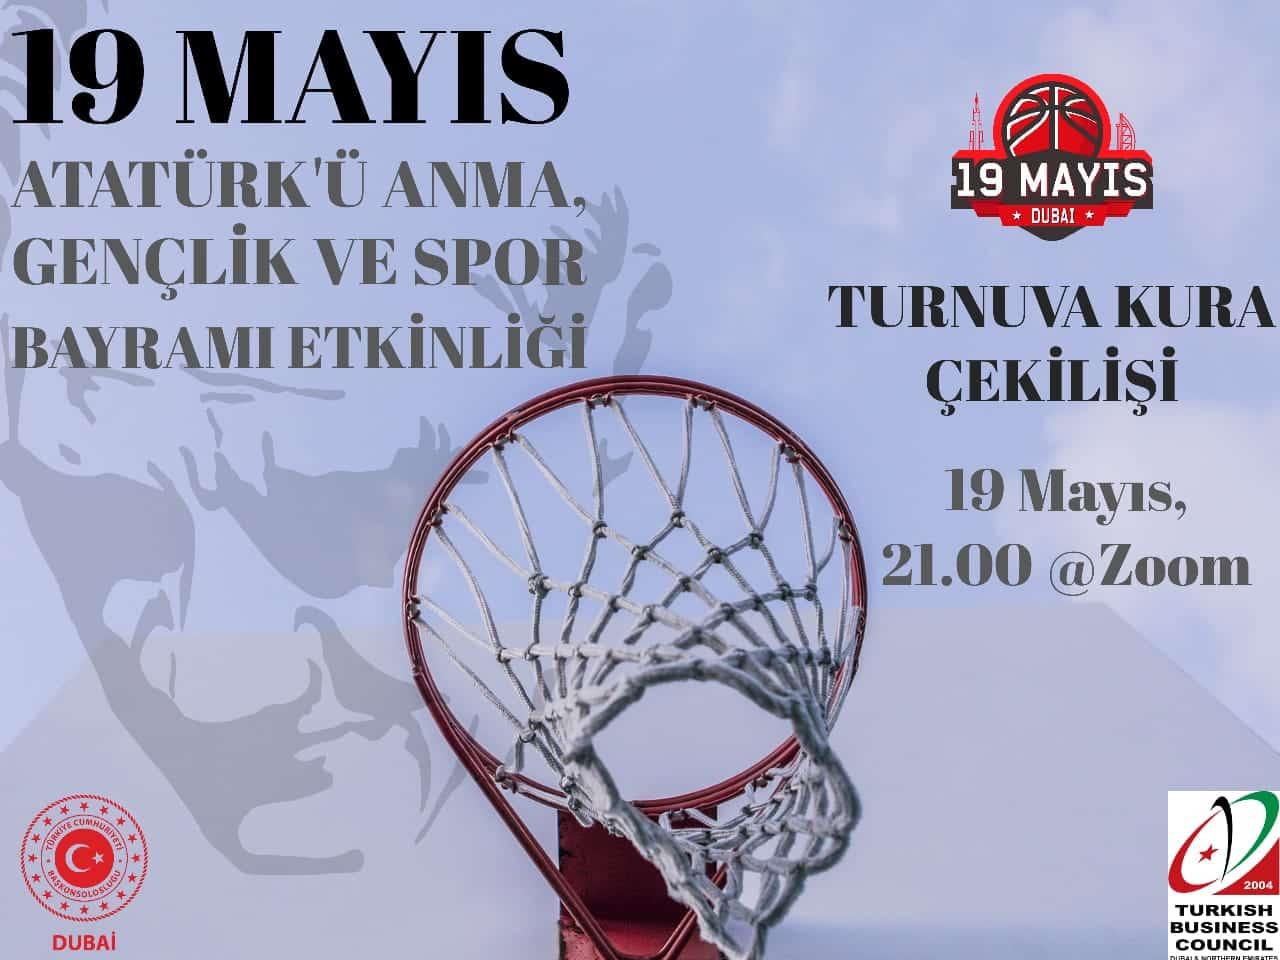 19 Mayıs Atatürk'ü Anma, Gençlik ve Spor Bayramı Etkinliği